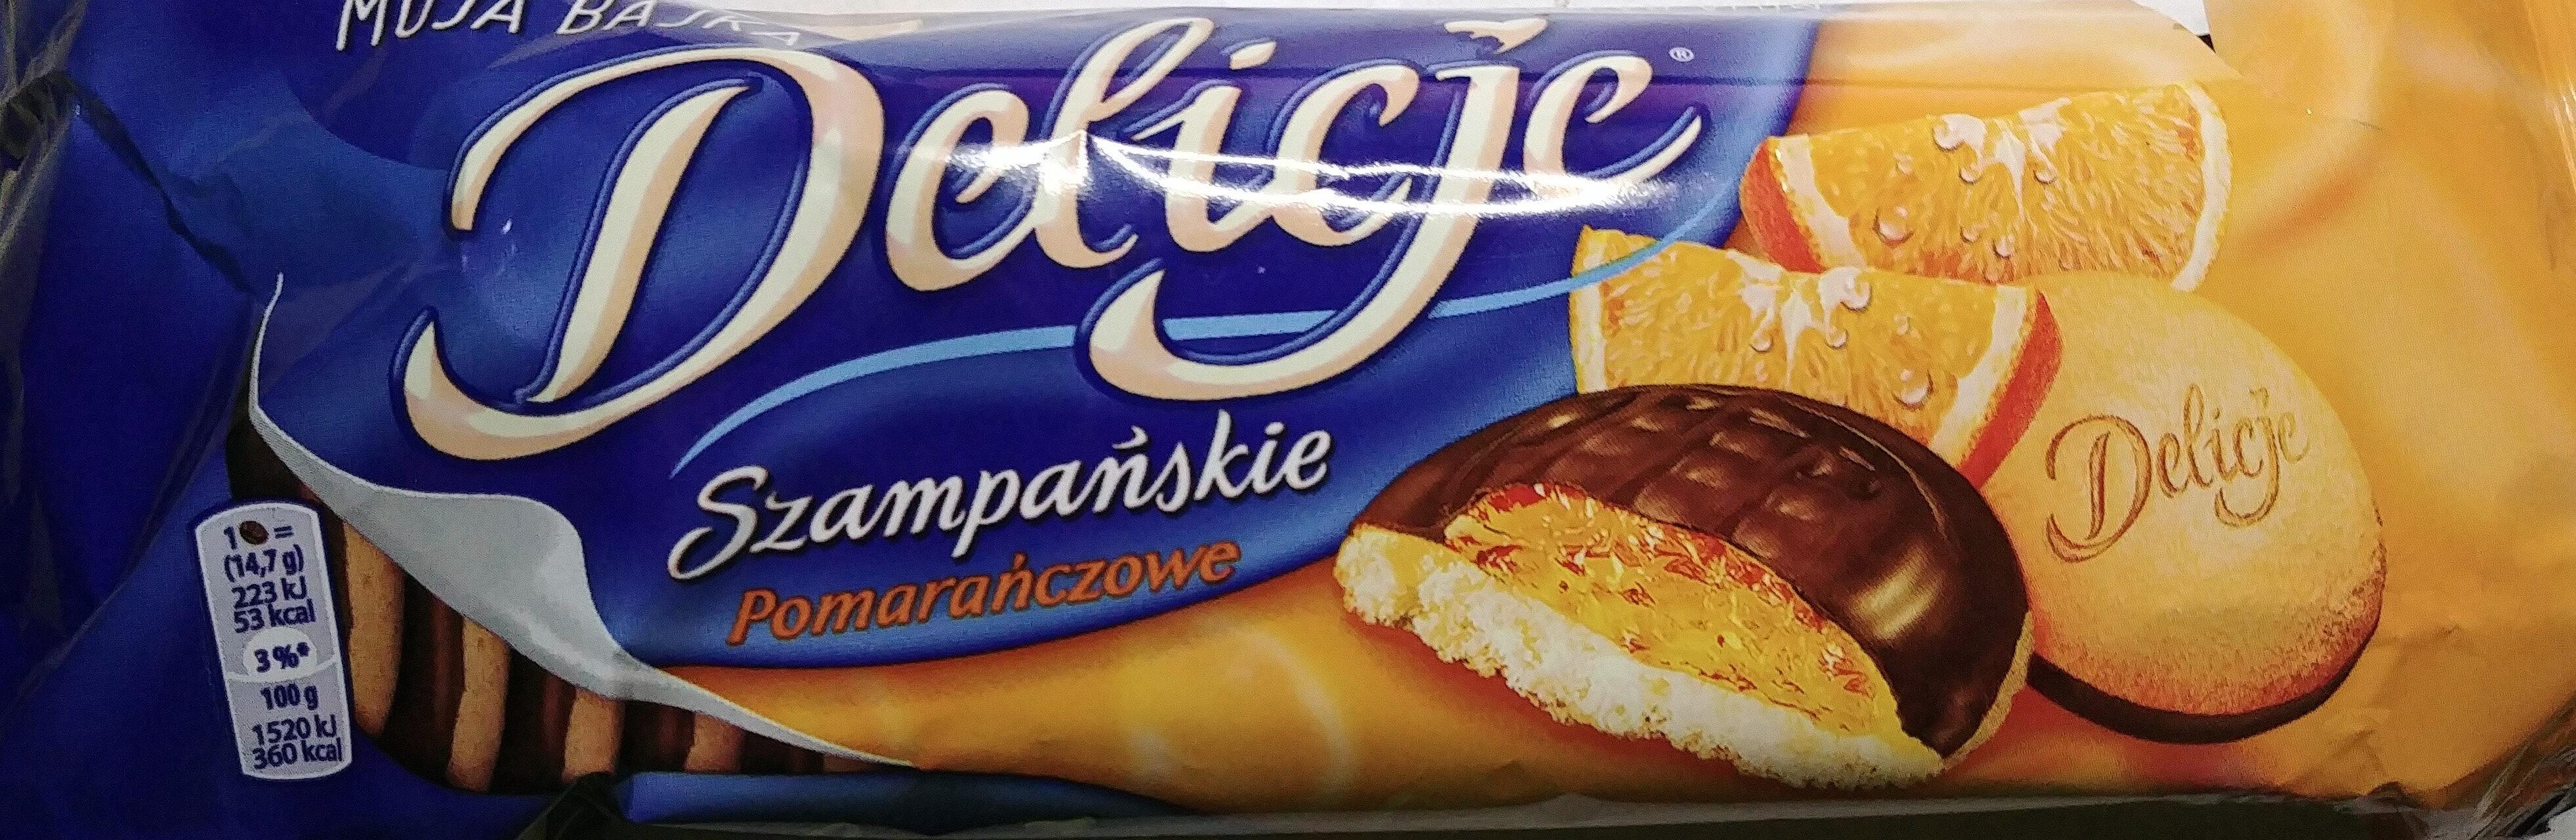 Delicje Szampańskie pomarańczowe - Product - pl